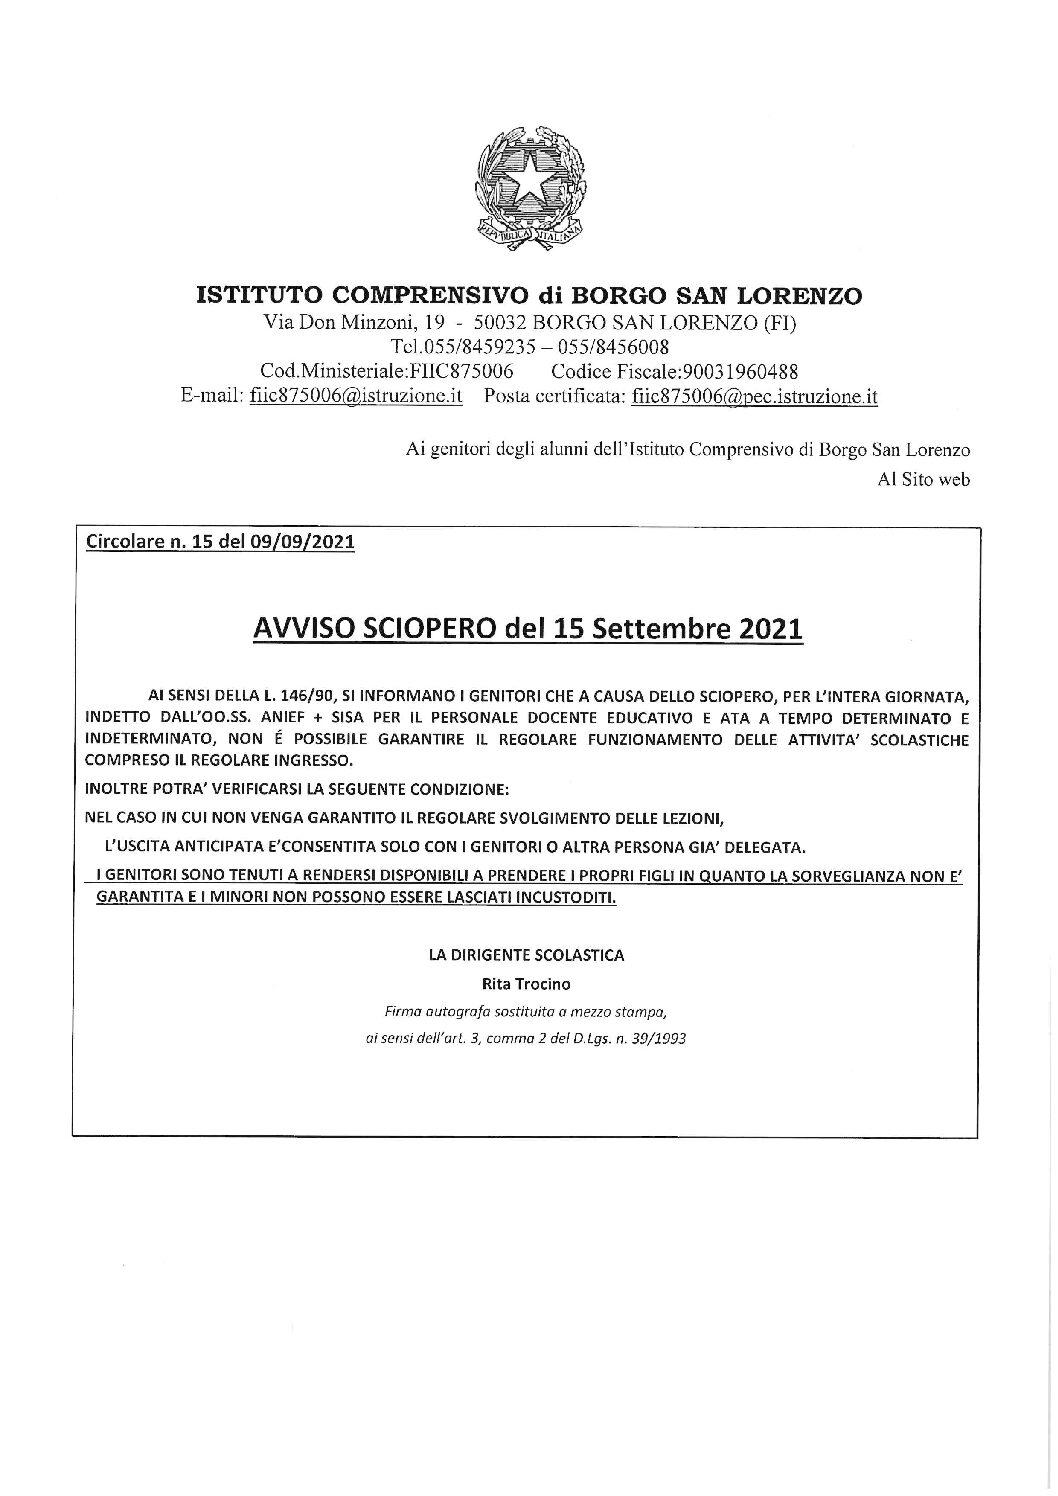 AVVISO AI GENITORI DEGLI ALUNNI E AL PERSONALE DELL'ISTITUTO COMPRENSIVO DI BORGO SAN LORENZO – SCIOPERO DEL 15/09/2021